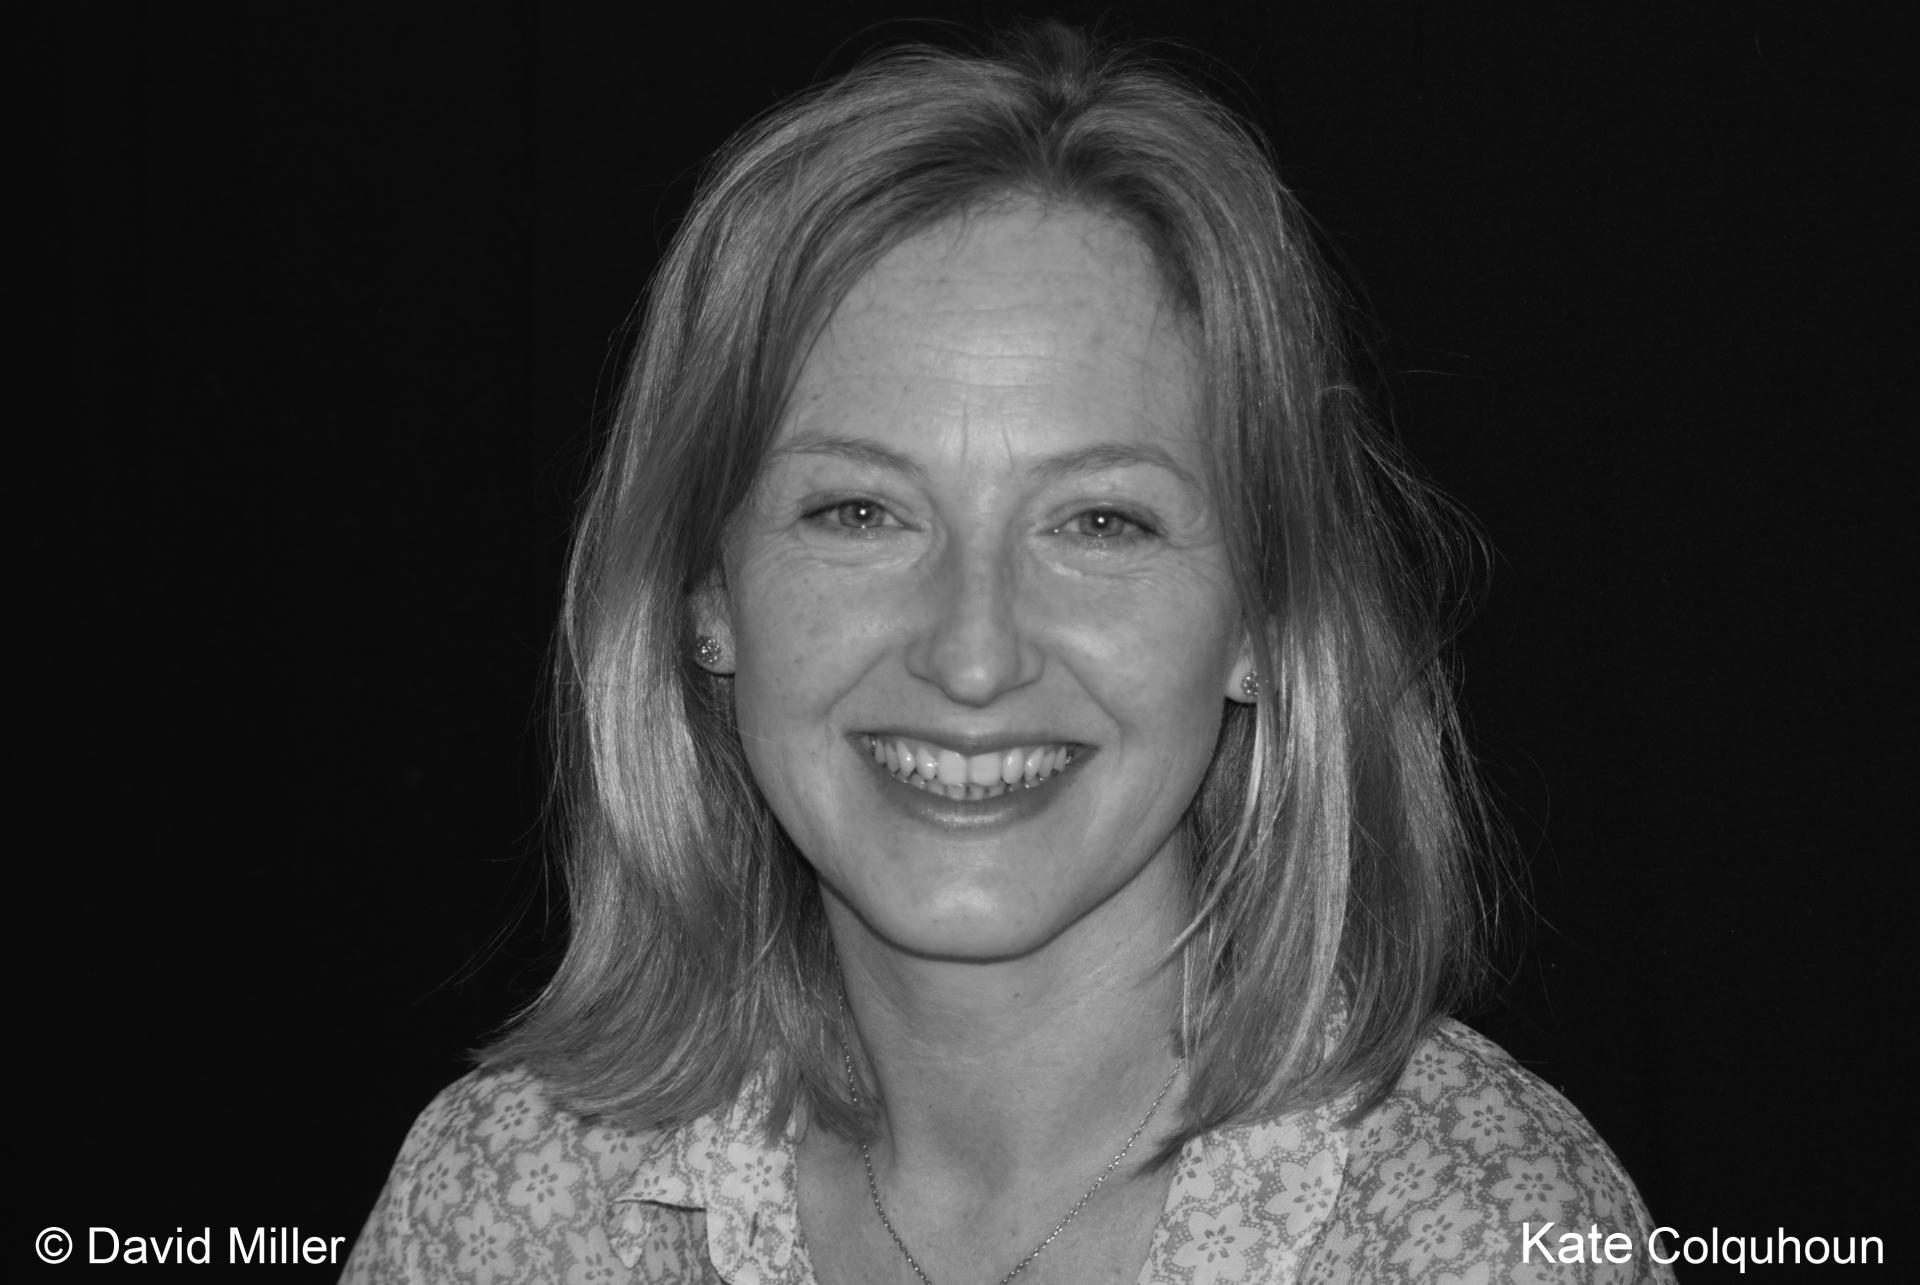 Kate Colquhoun